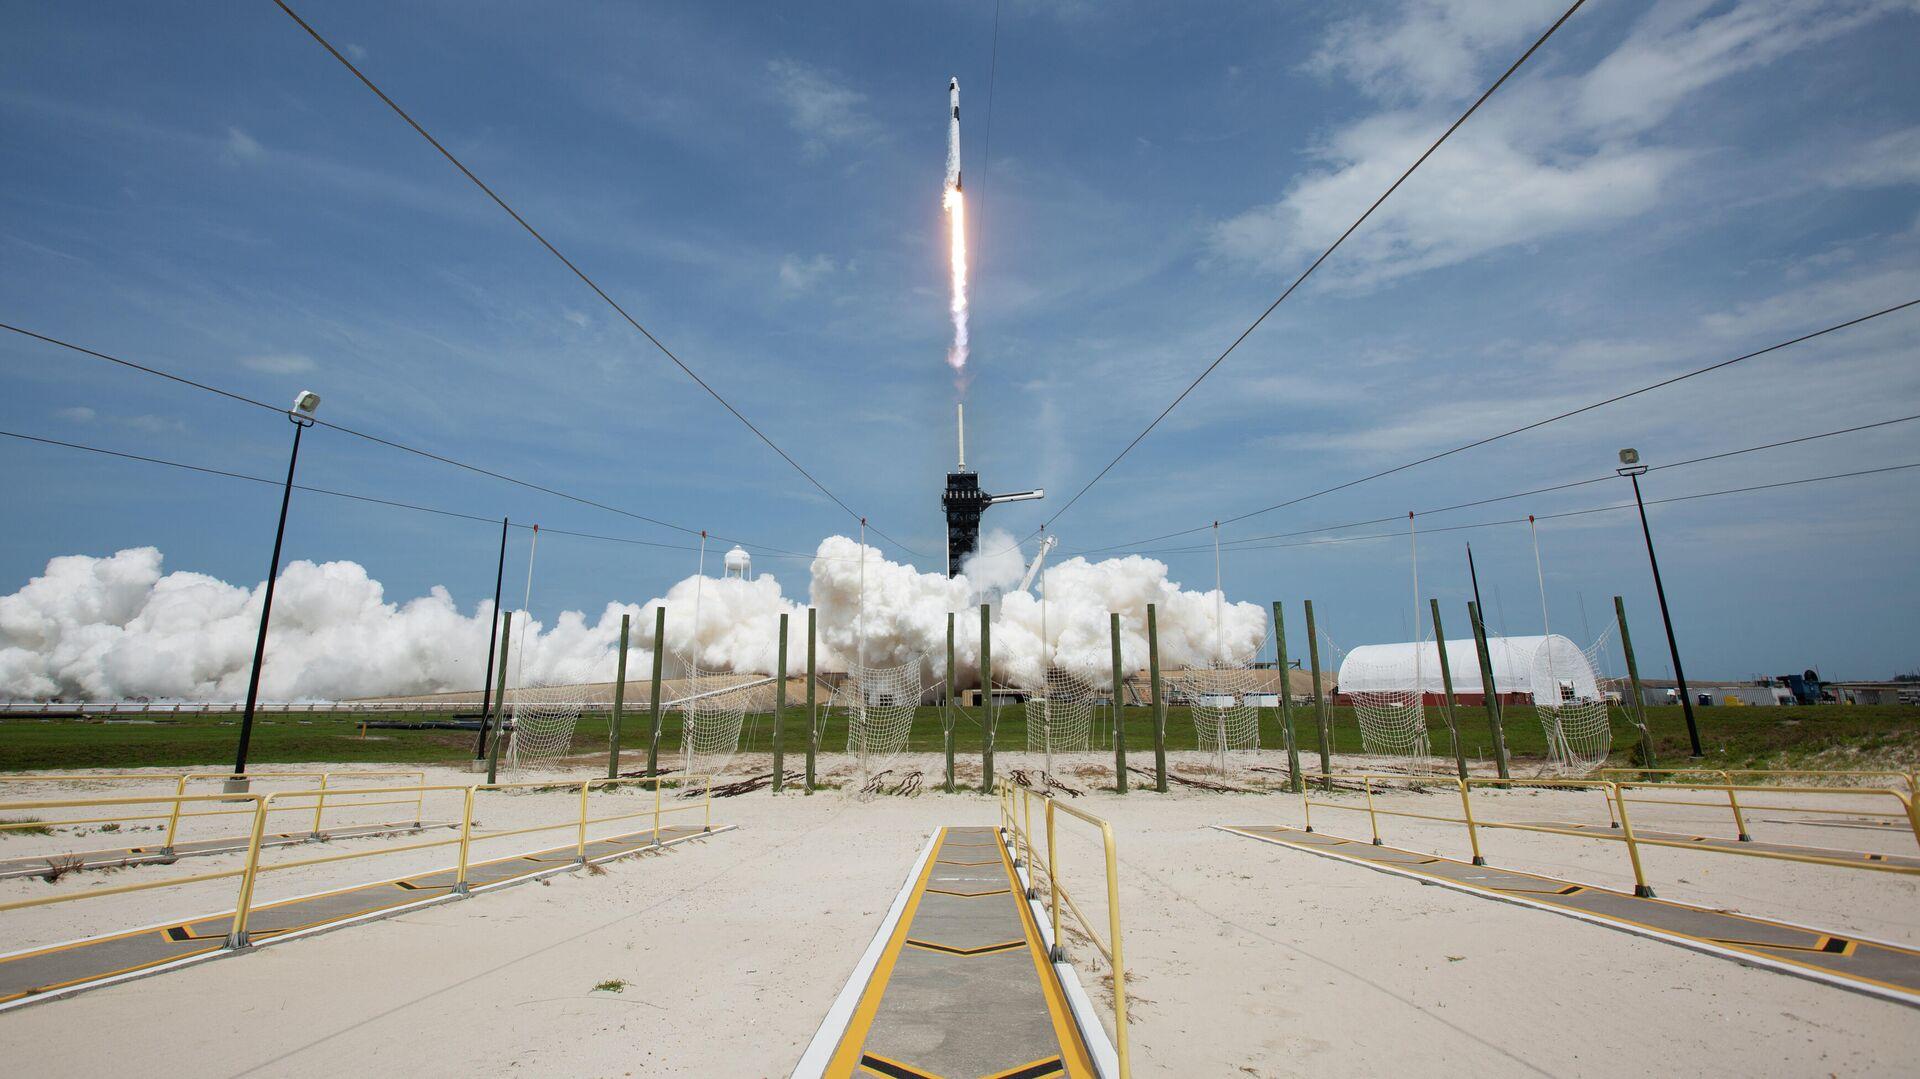 Первый пилотируемый запуск корабля Crew Dragon, созданного компанией SpaceX Илона Маска - РИА Новости, 1920, 16.11.2020